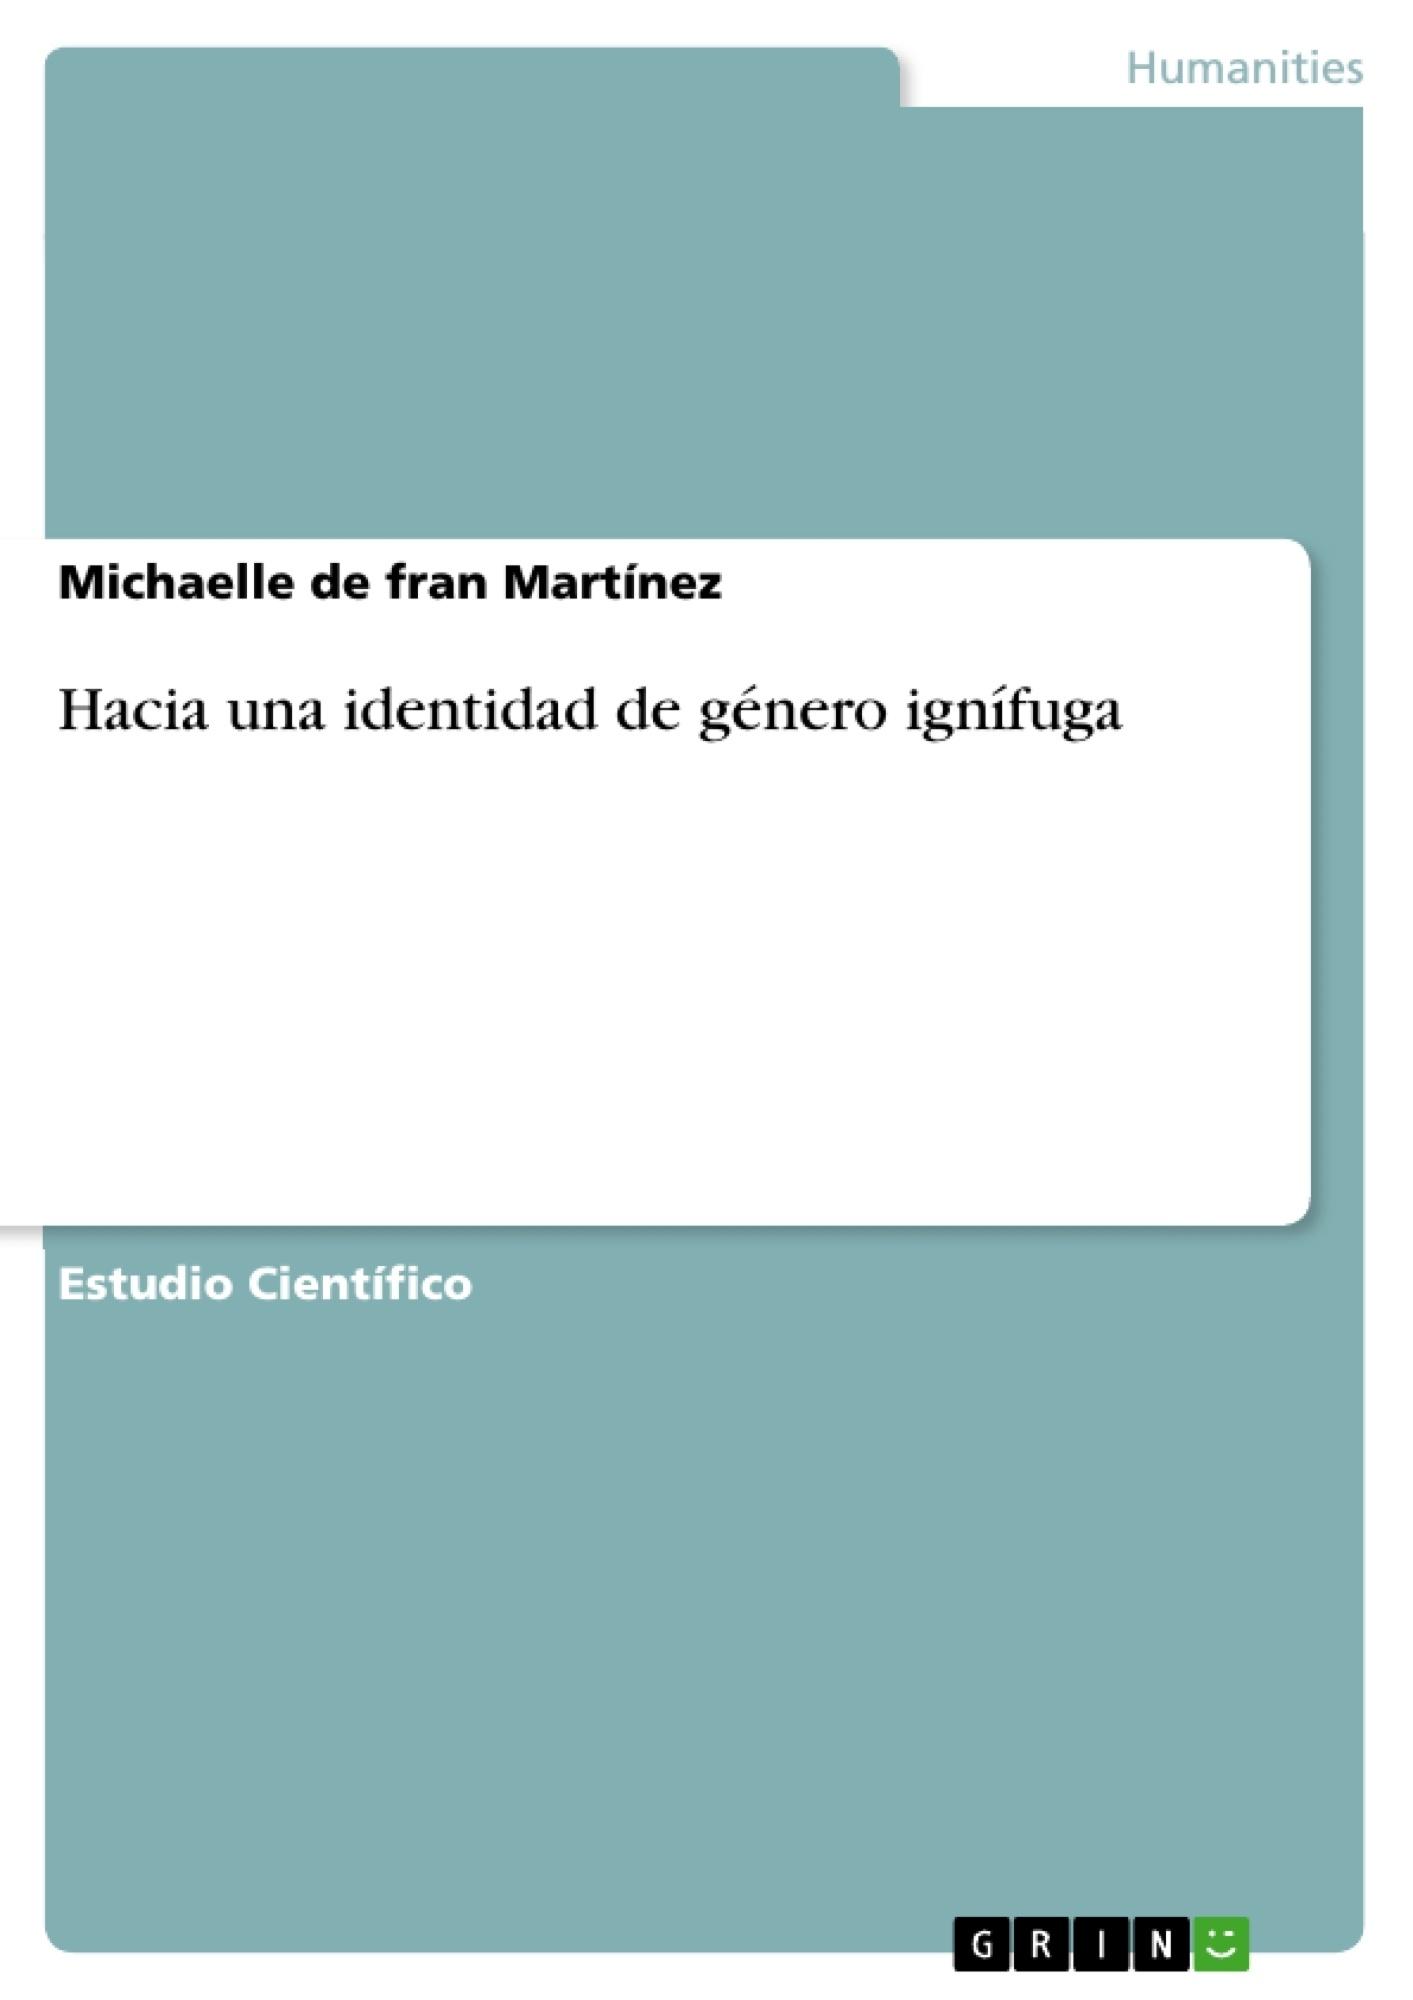 Título: Hacia una identidad de género ignífuga